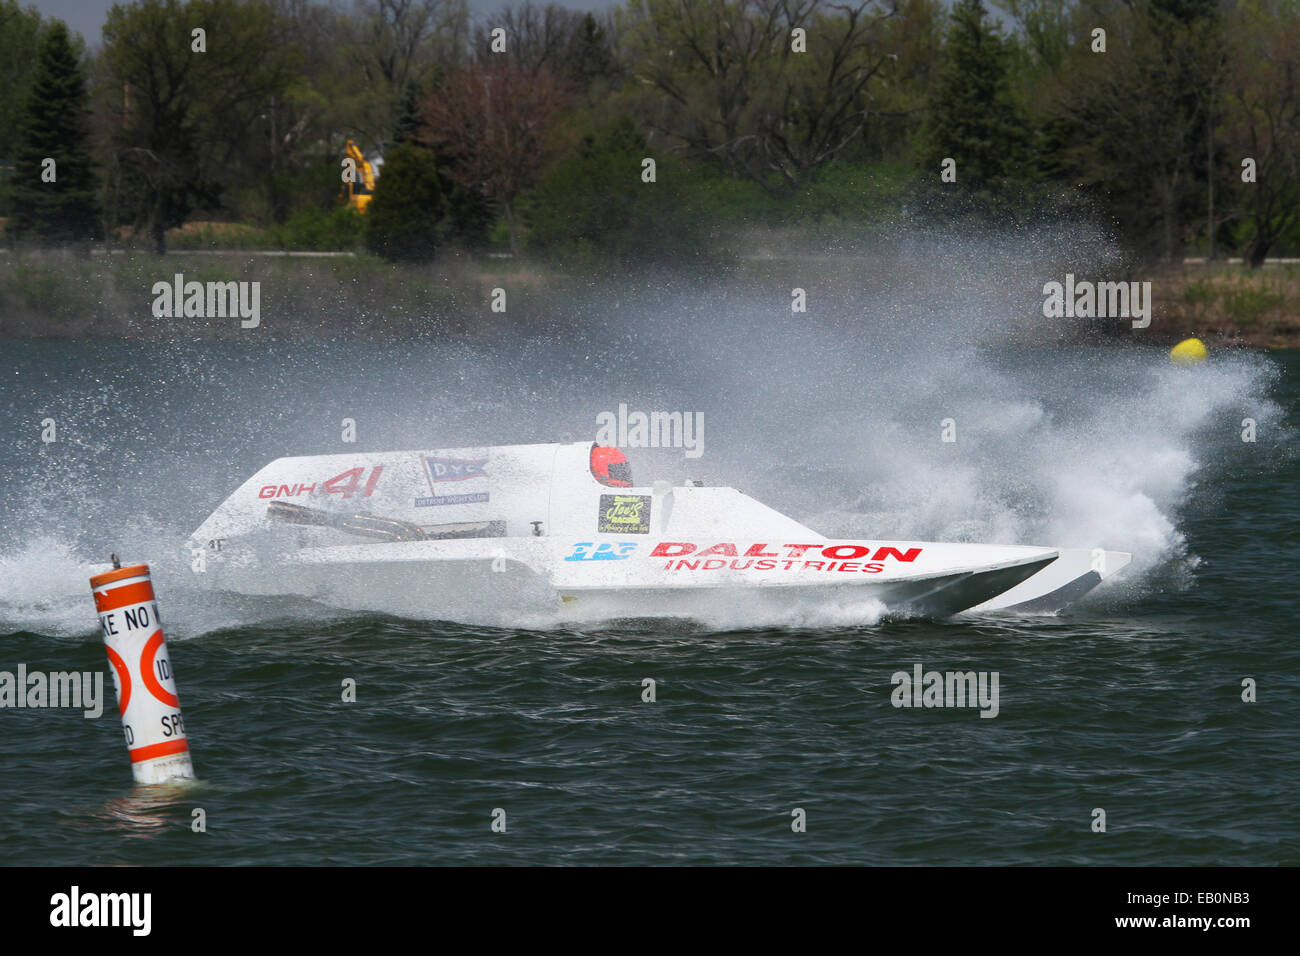 Acqua Splash creato da gara barca GNH41. Vicino a nessuna zona di scia bouy. 2014 APBA, American Power Boat Association, Immagini Stock